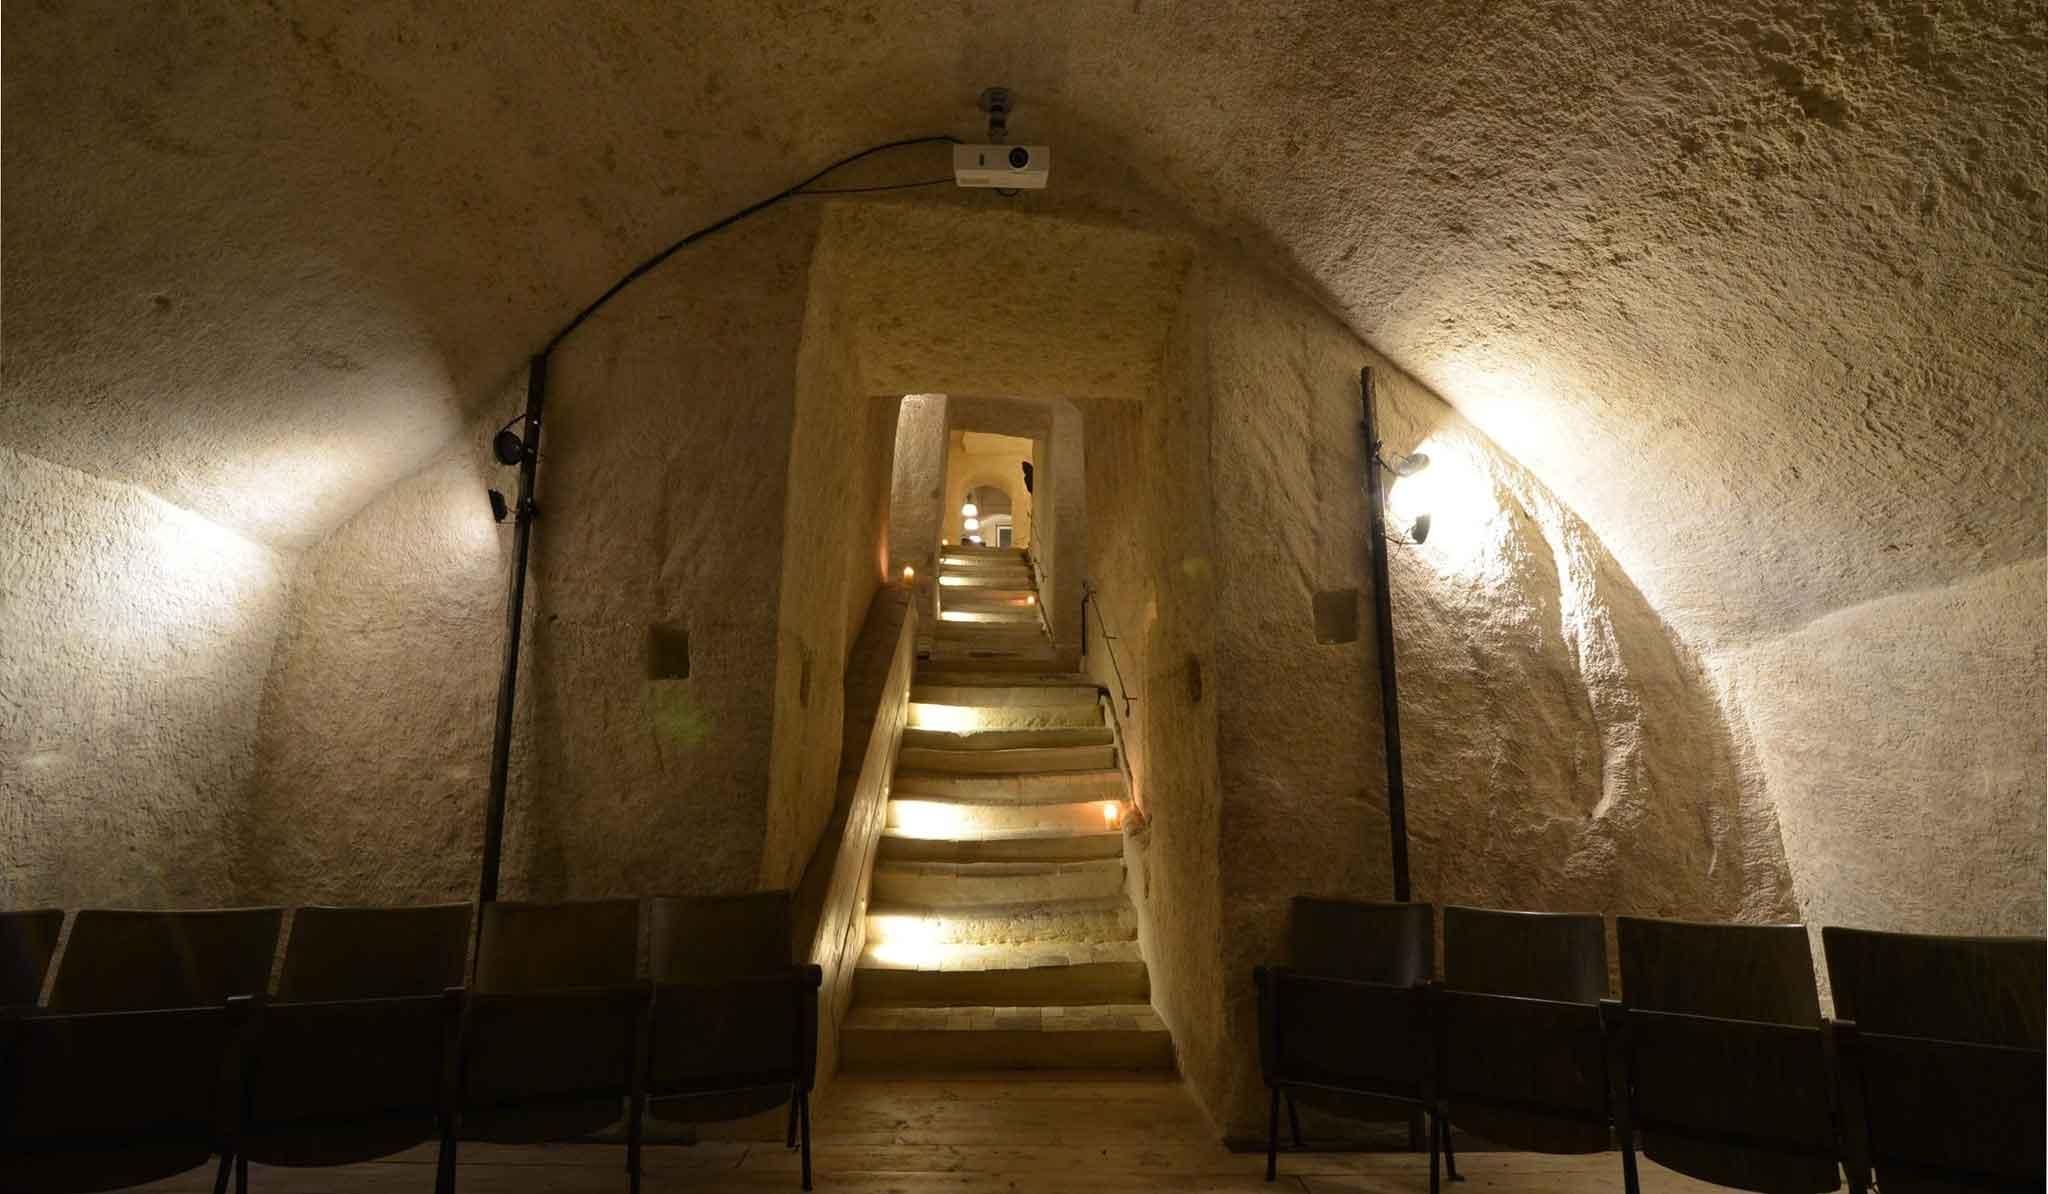 la-lopa-ristorante-pub-aperitivi-stuzzicheria-wine bar-happy-hour-sassi-di-matera-basilicata (25)